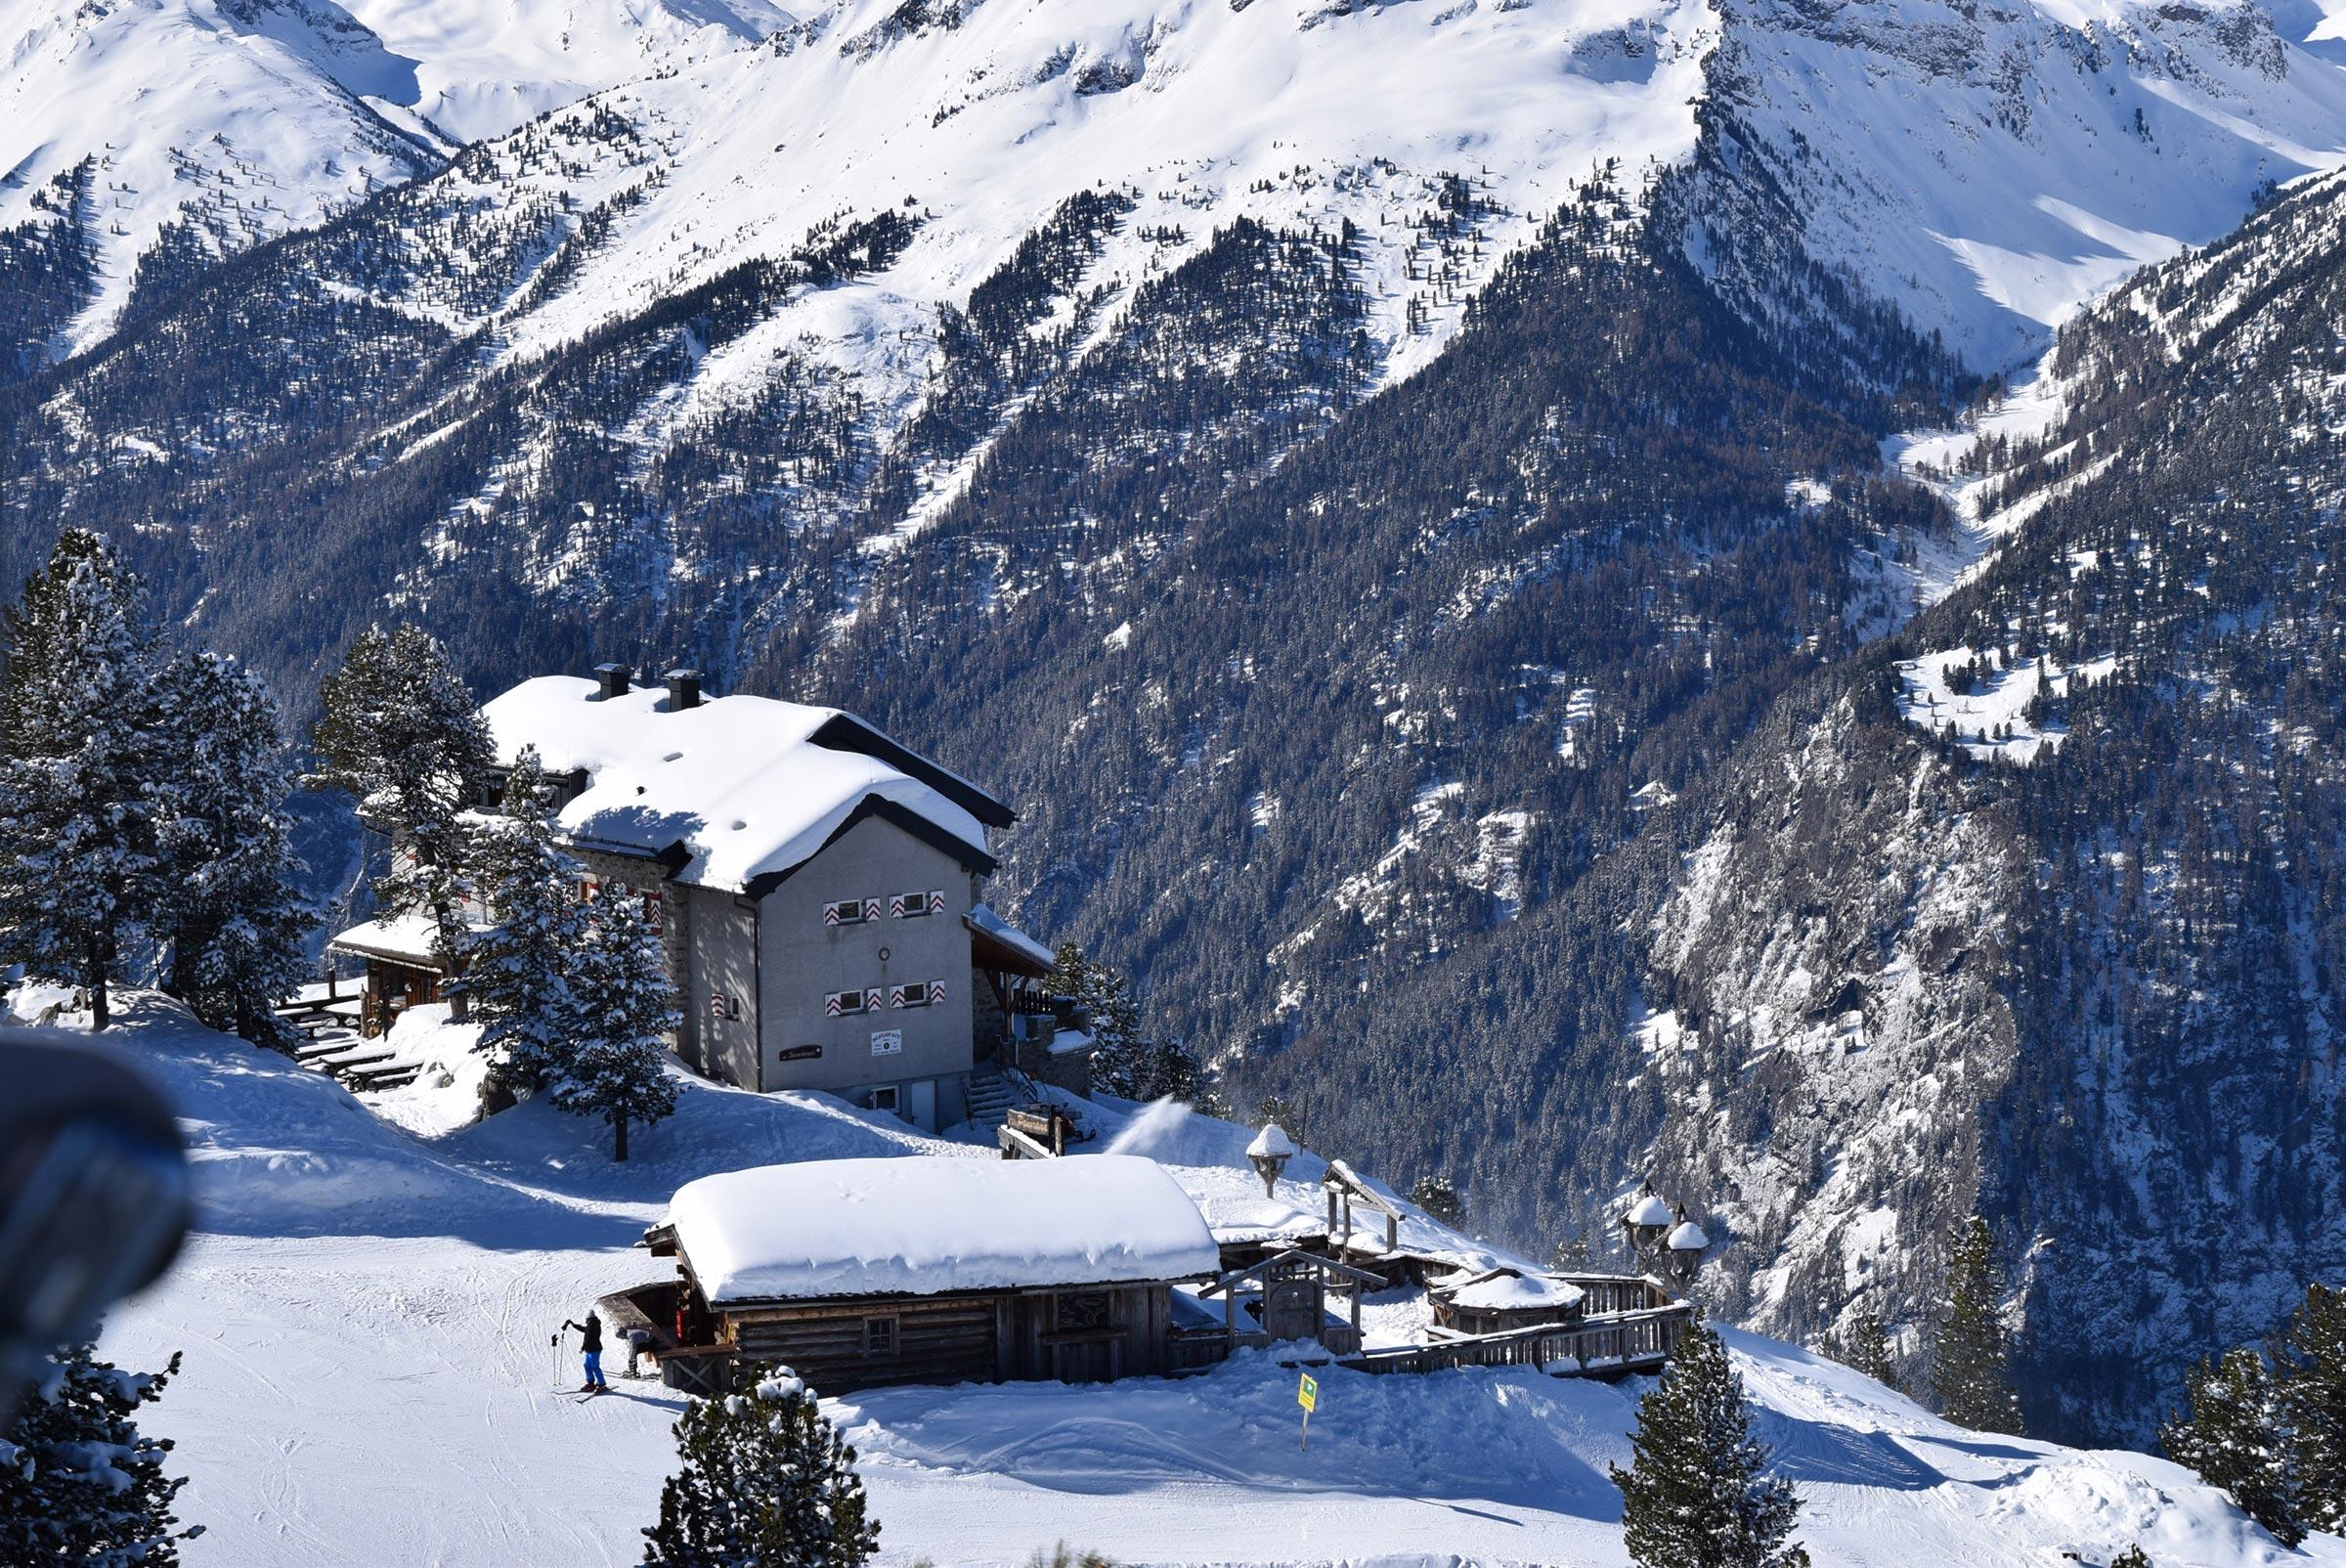 Blick auf Bielefelder Hütte - Skiregion Hochoetz